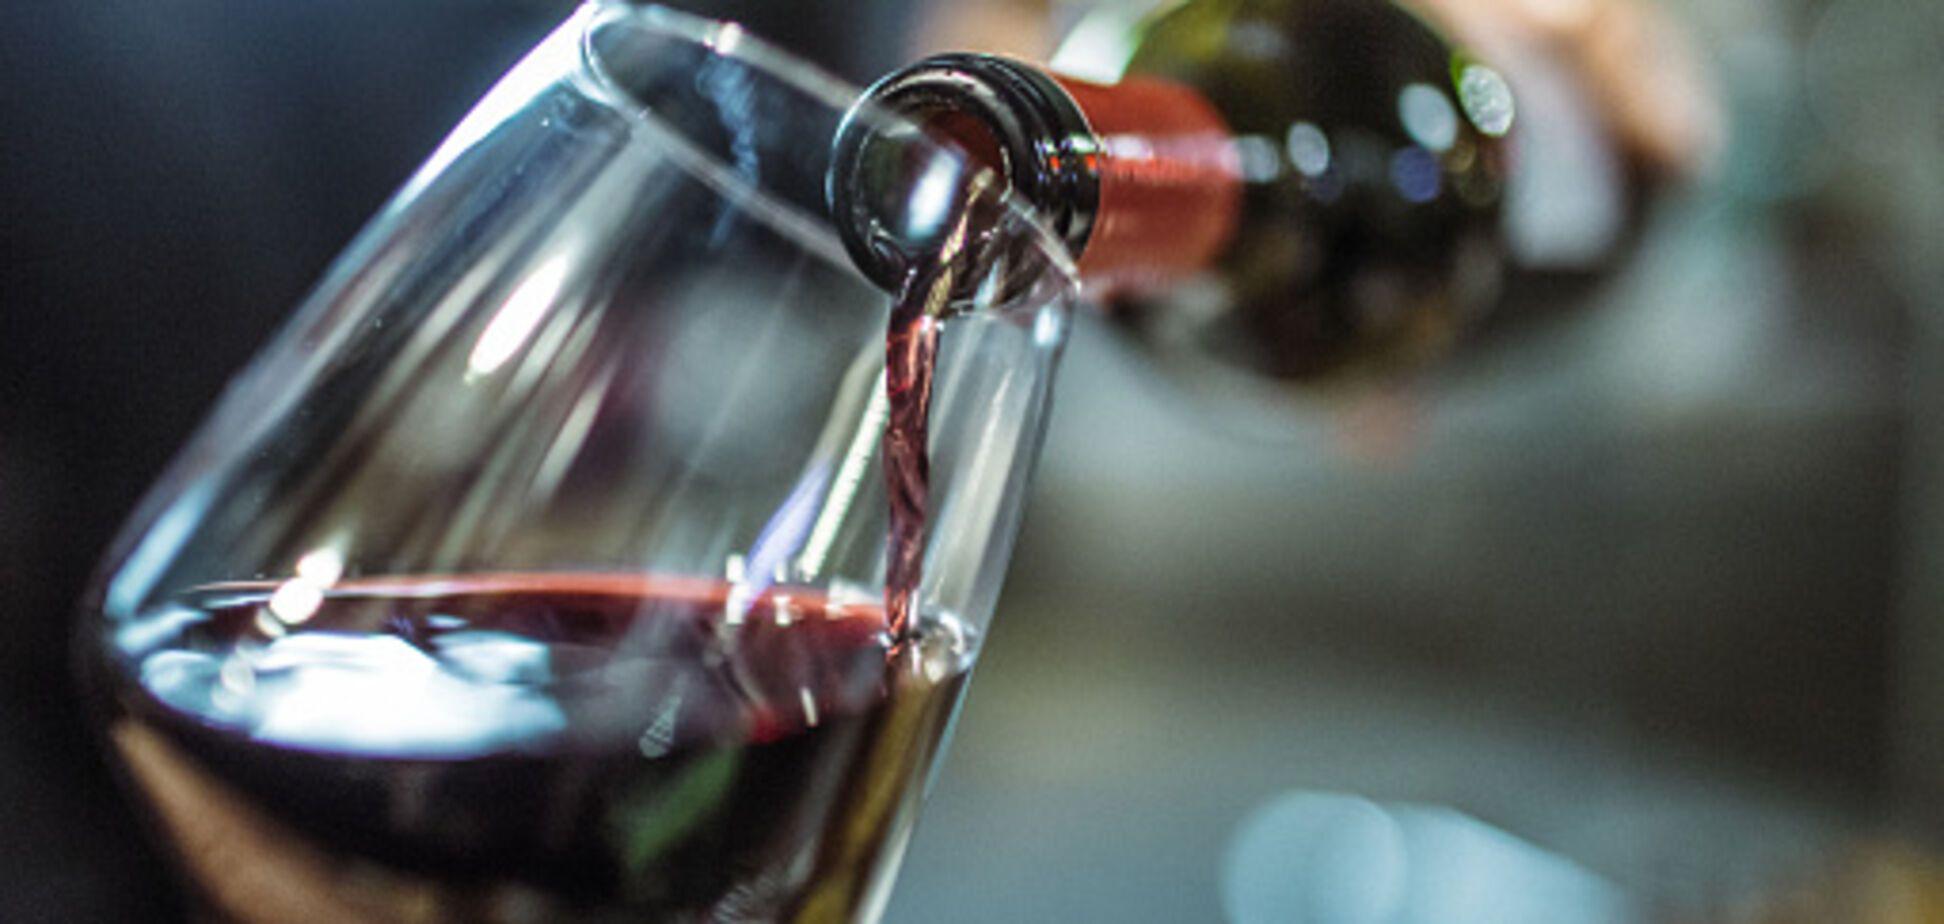 Розвідка України оголосила тендер на 500 винних келихів